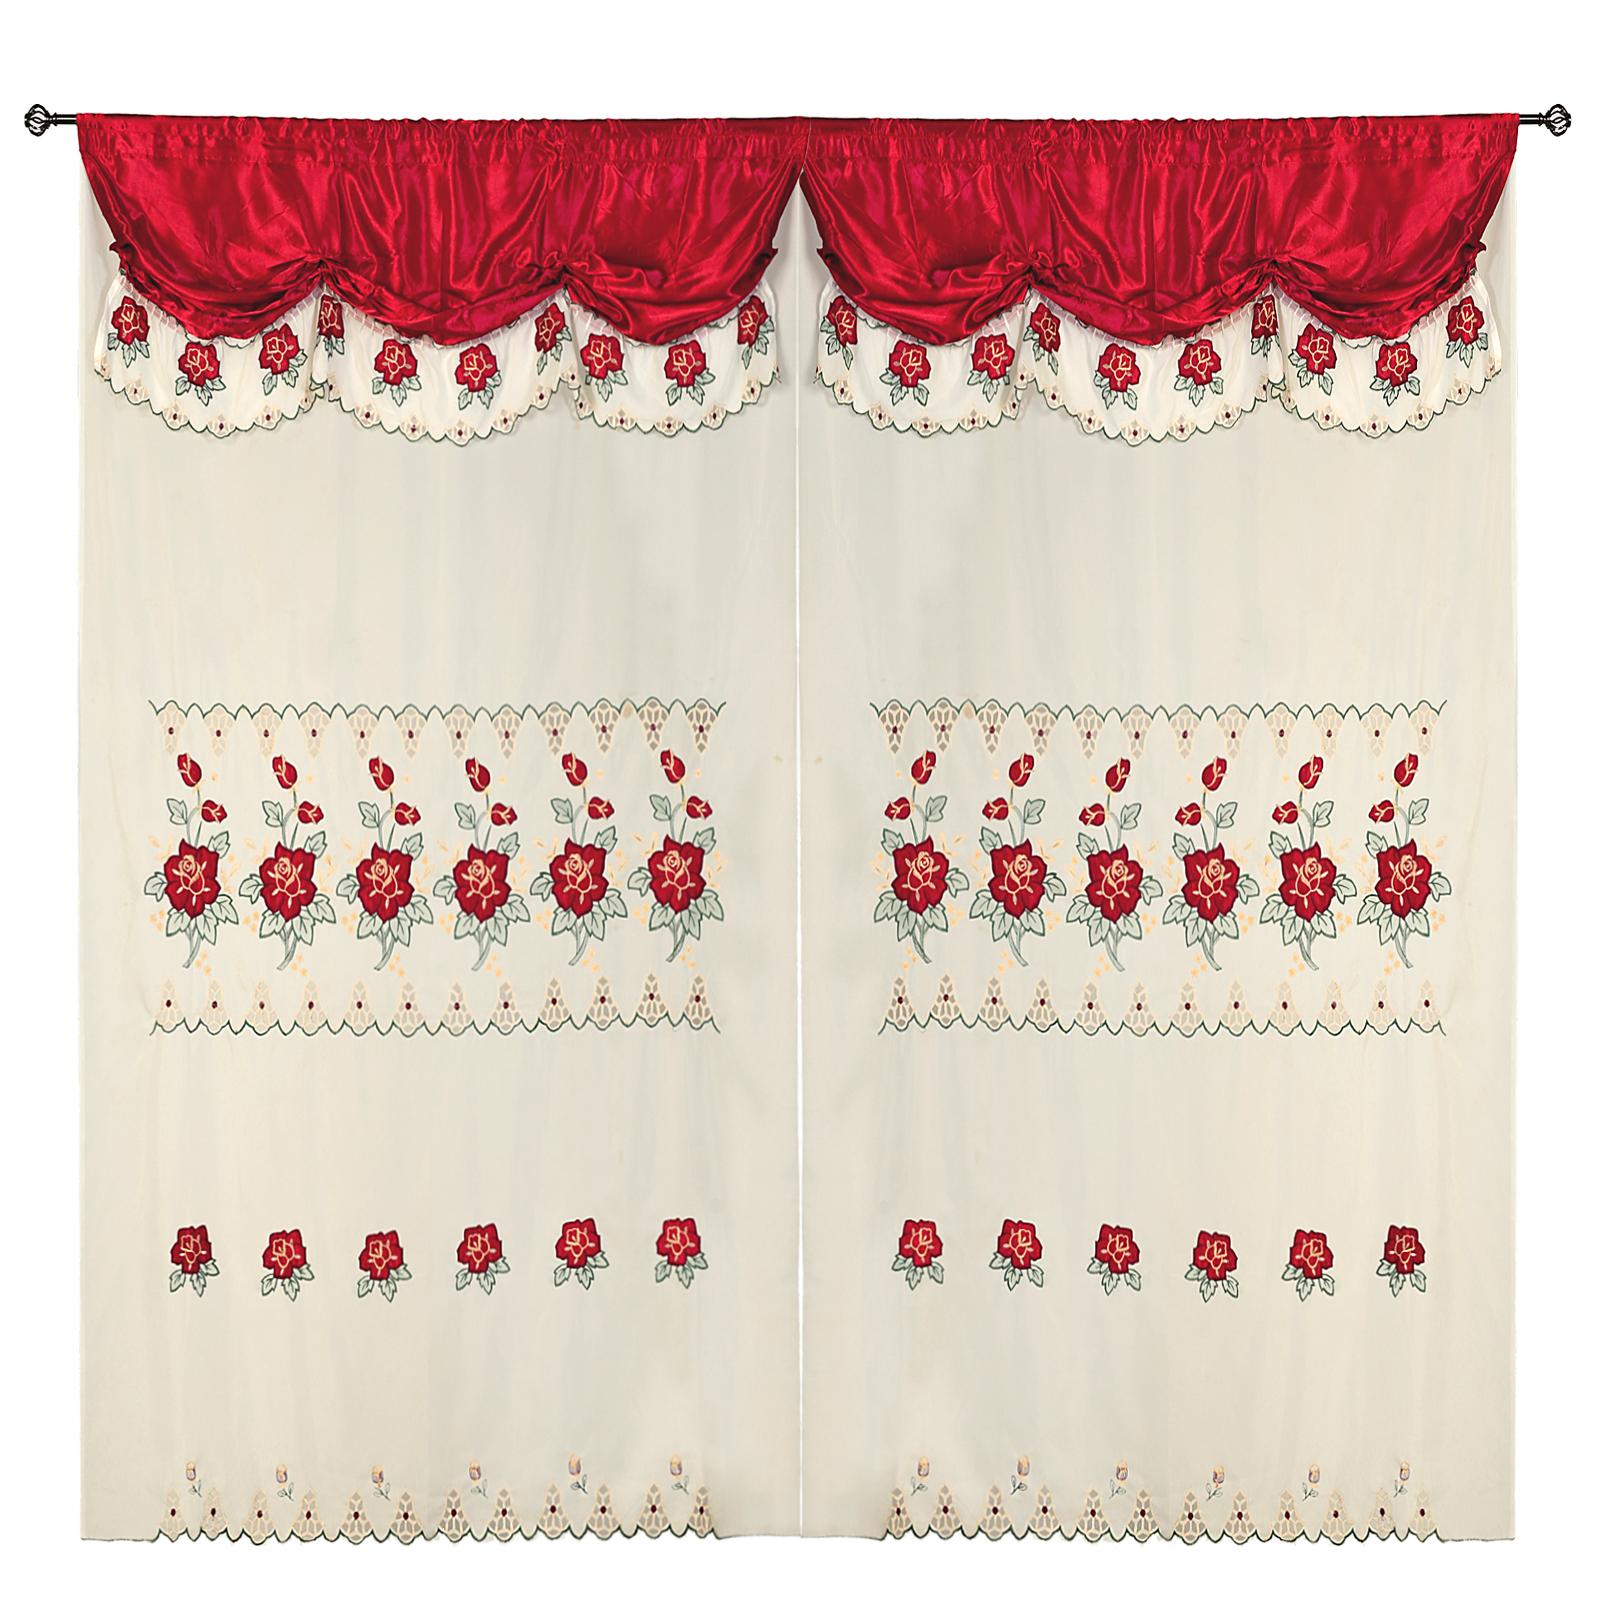 Valence curtain